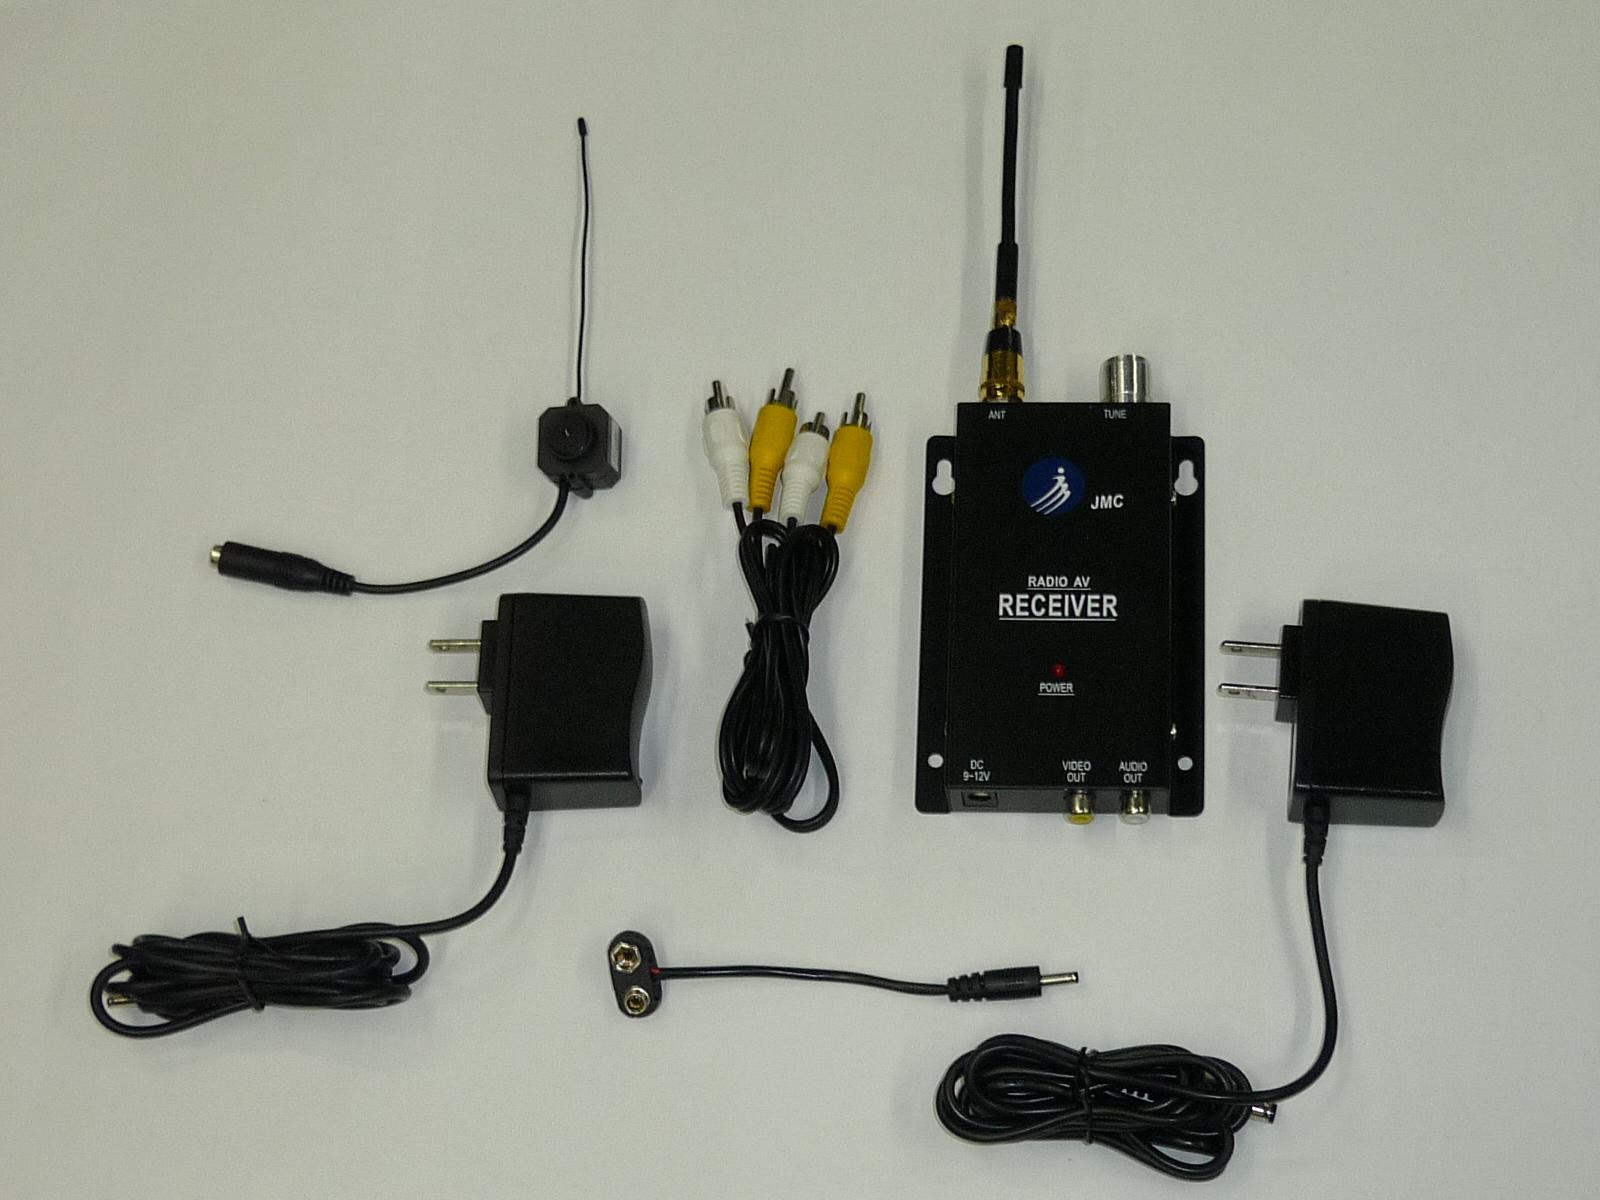 超小型 ピンホールカメラ ZT-802A  拡大表示 超小型 ピンホールカメラ ZT-802A